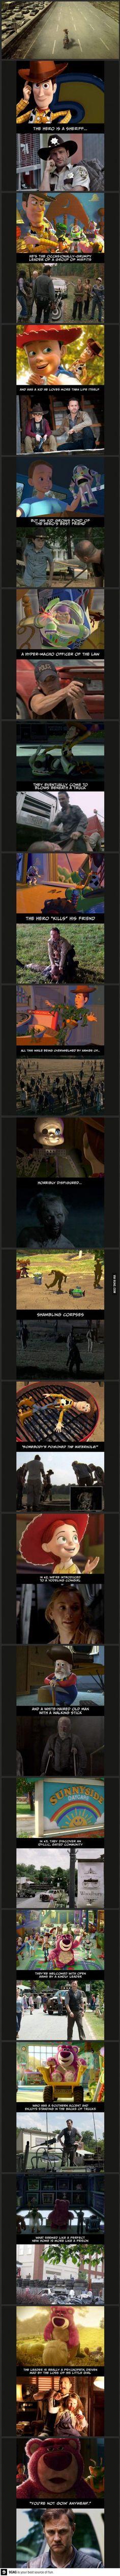 Toy Story vs Walking Dead. Mind blown!